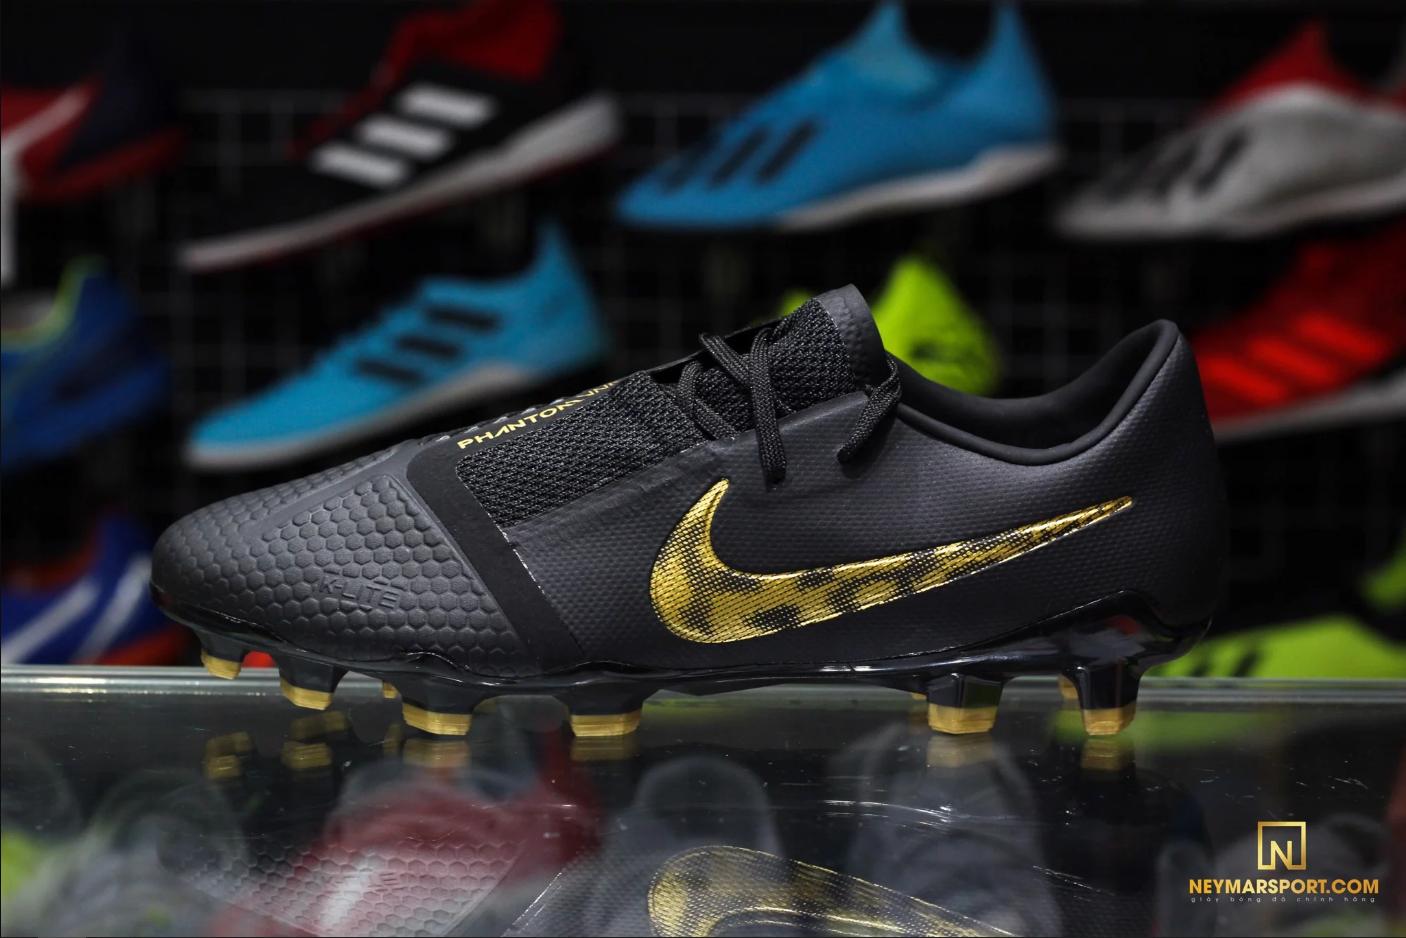 Giày đá banh chính hãng. Giày đá banh Nike. Nike Phantom Venom Pro